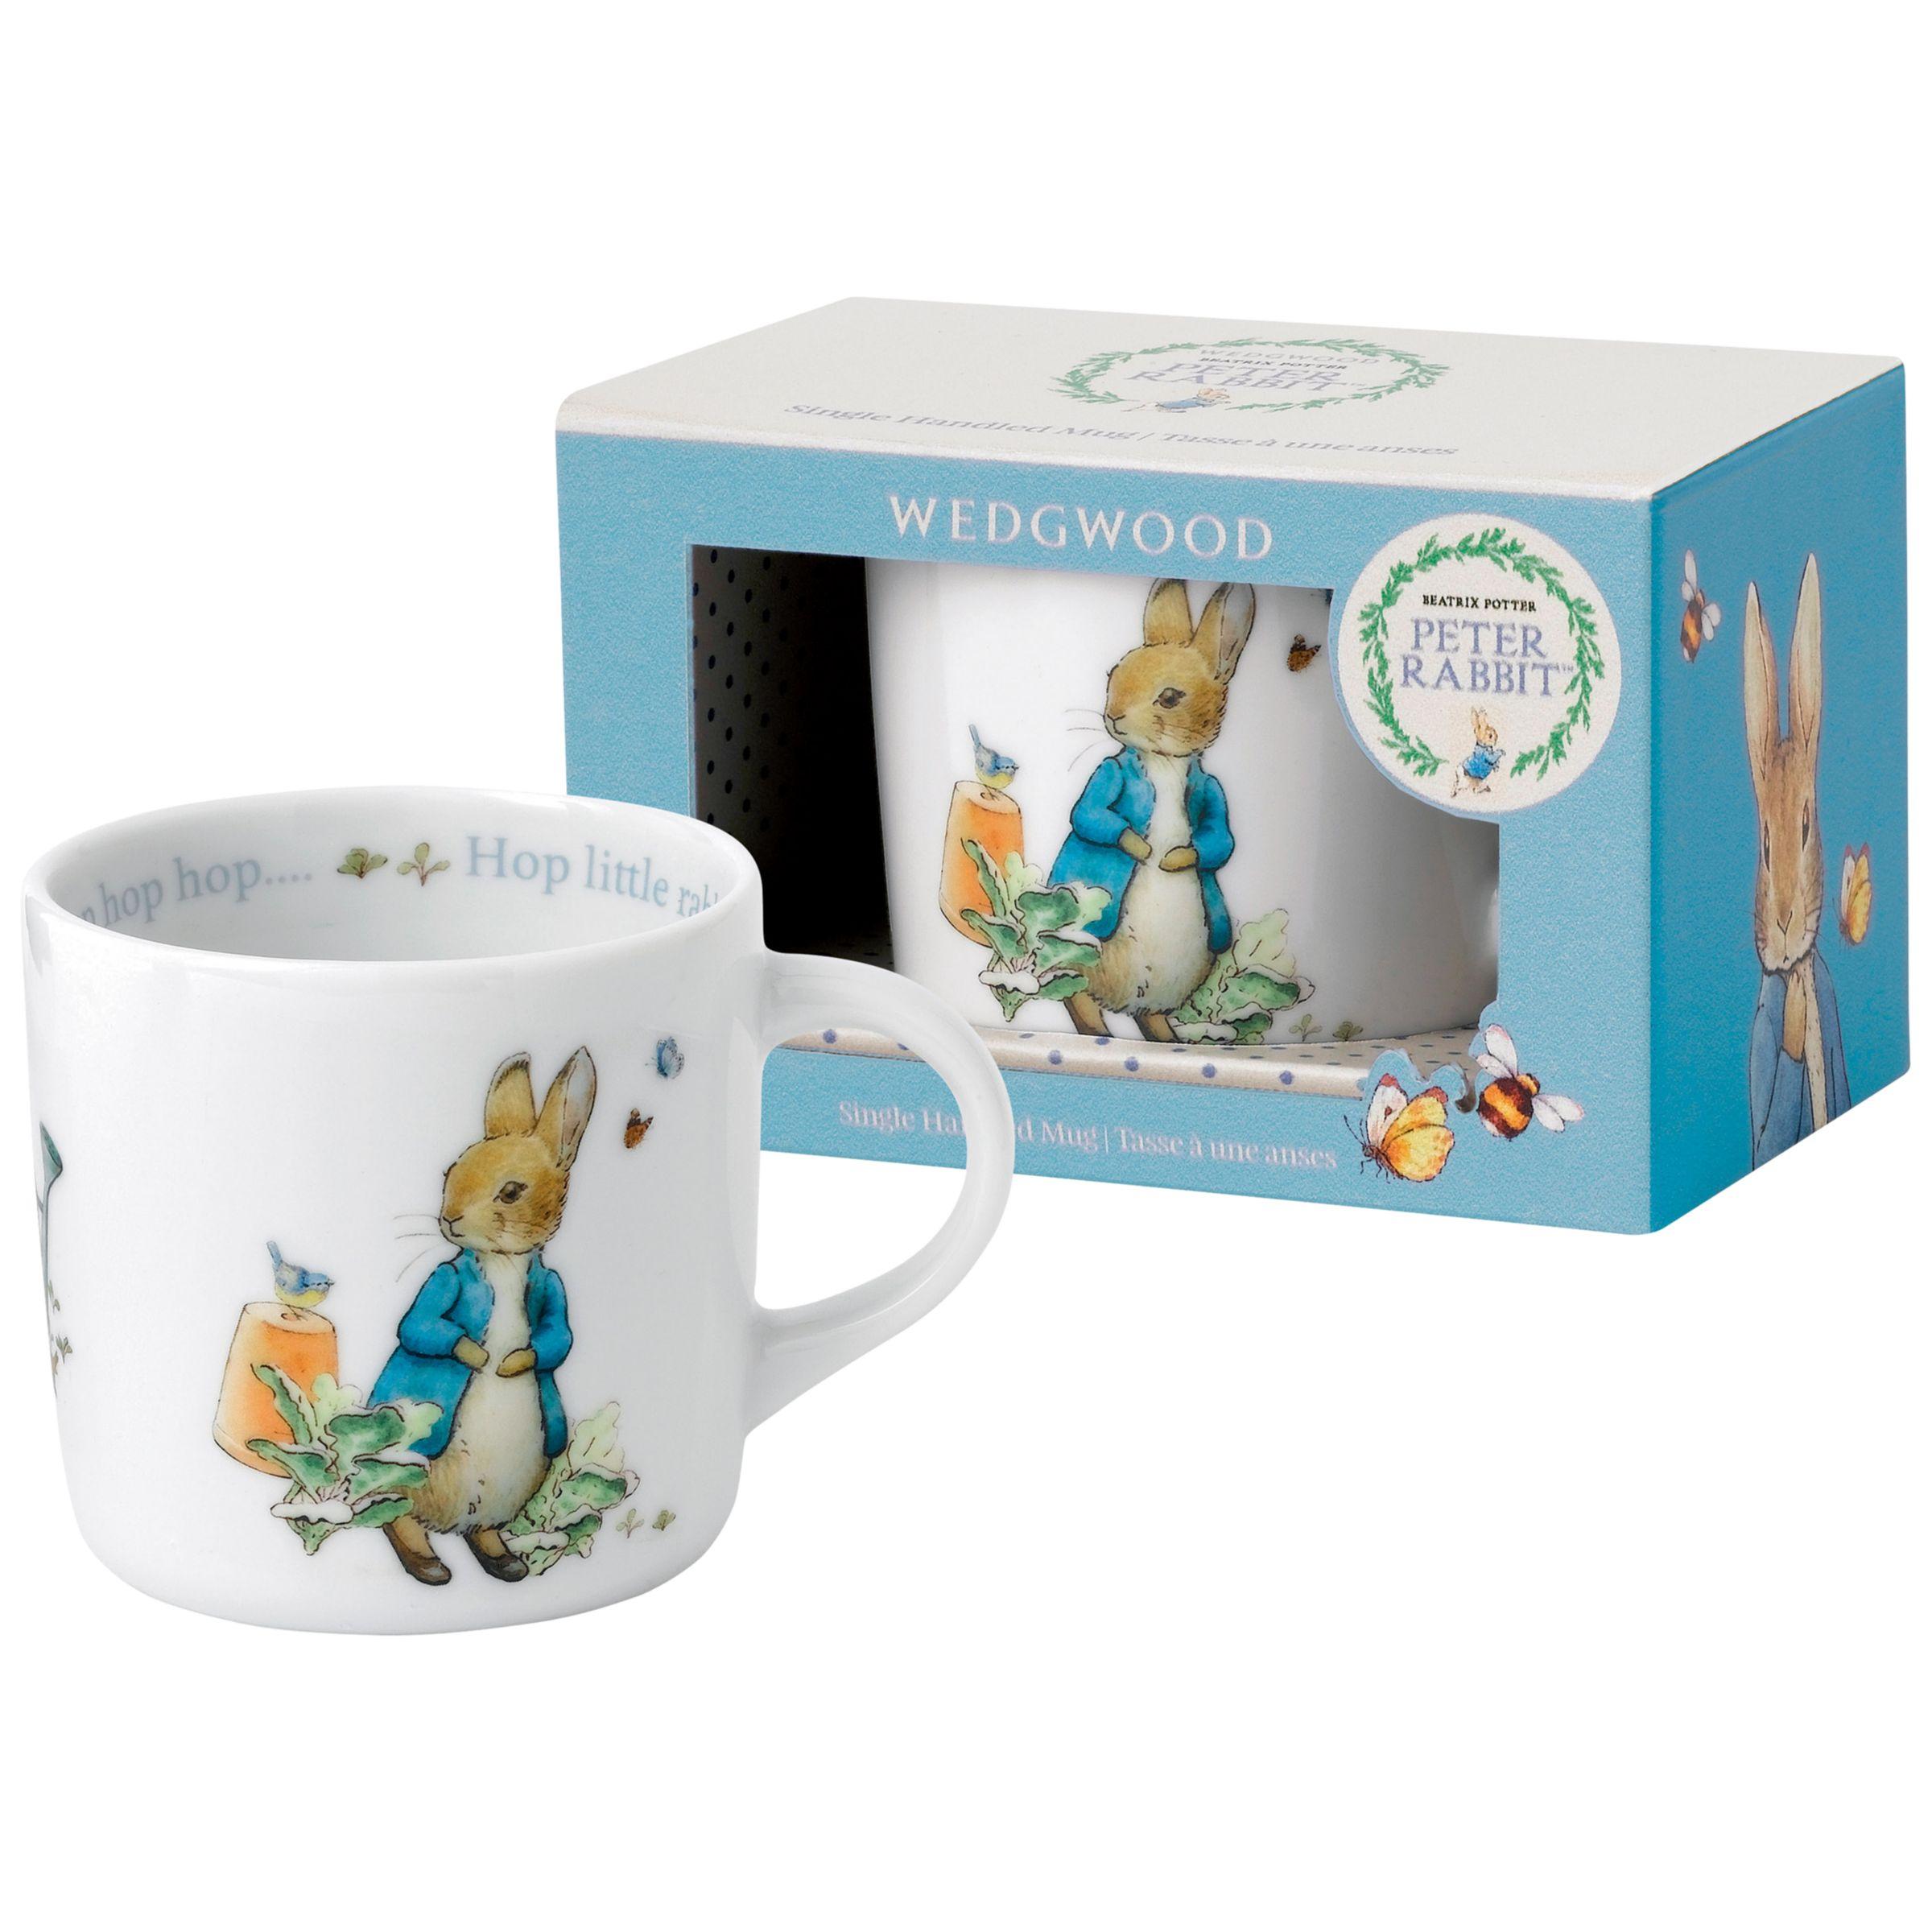 Wedgwood Baby Gifts Uk : Beatrix potter peter rabbit wedgwood mug octer ?